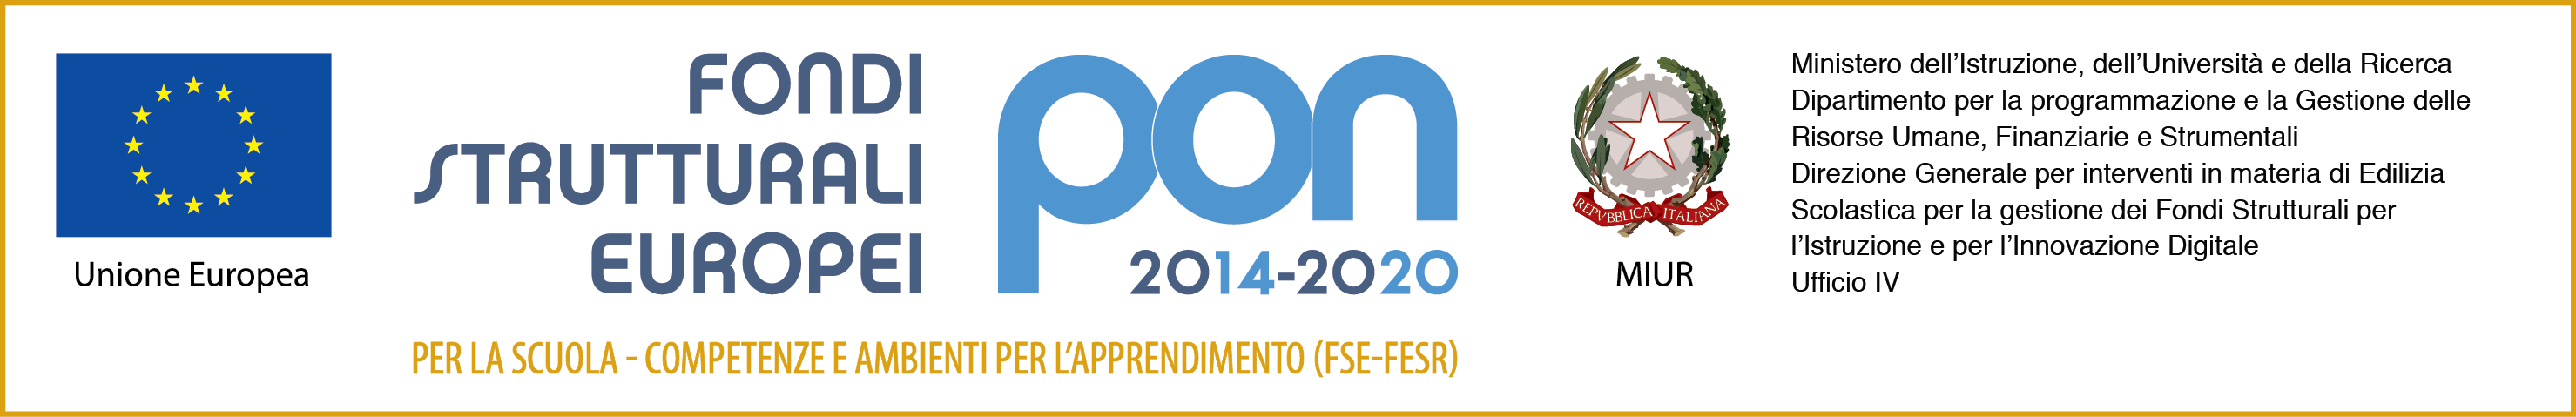 Loghi PON 2014-2020 (fse+fesr)